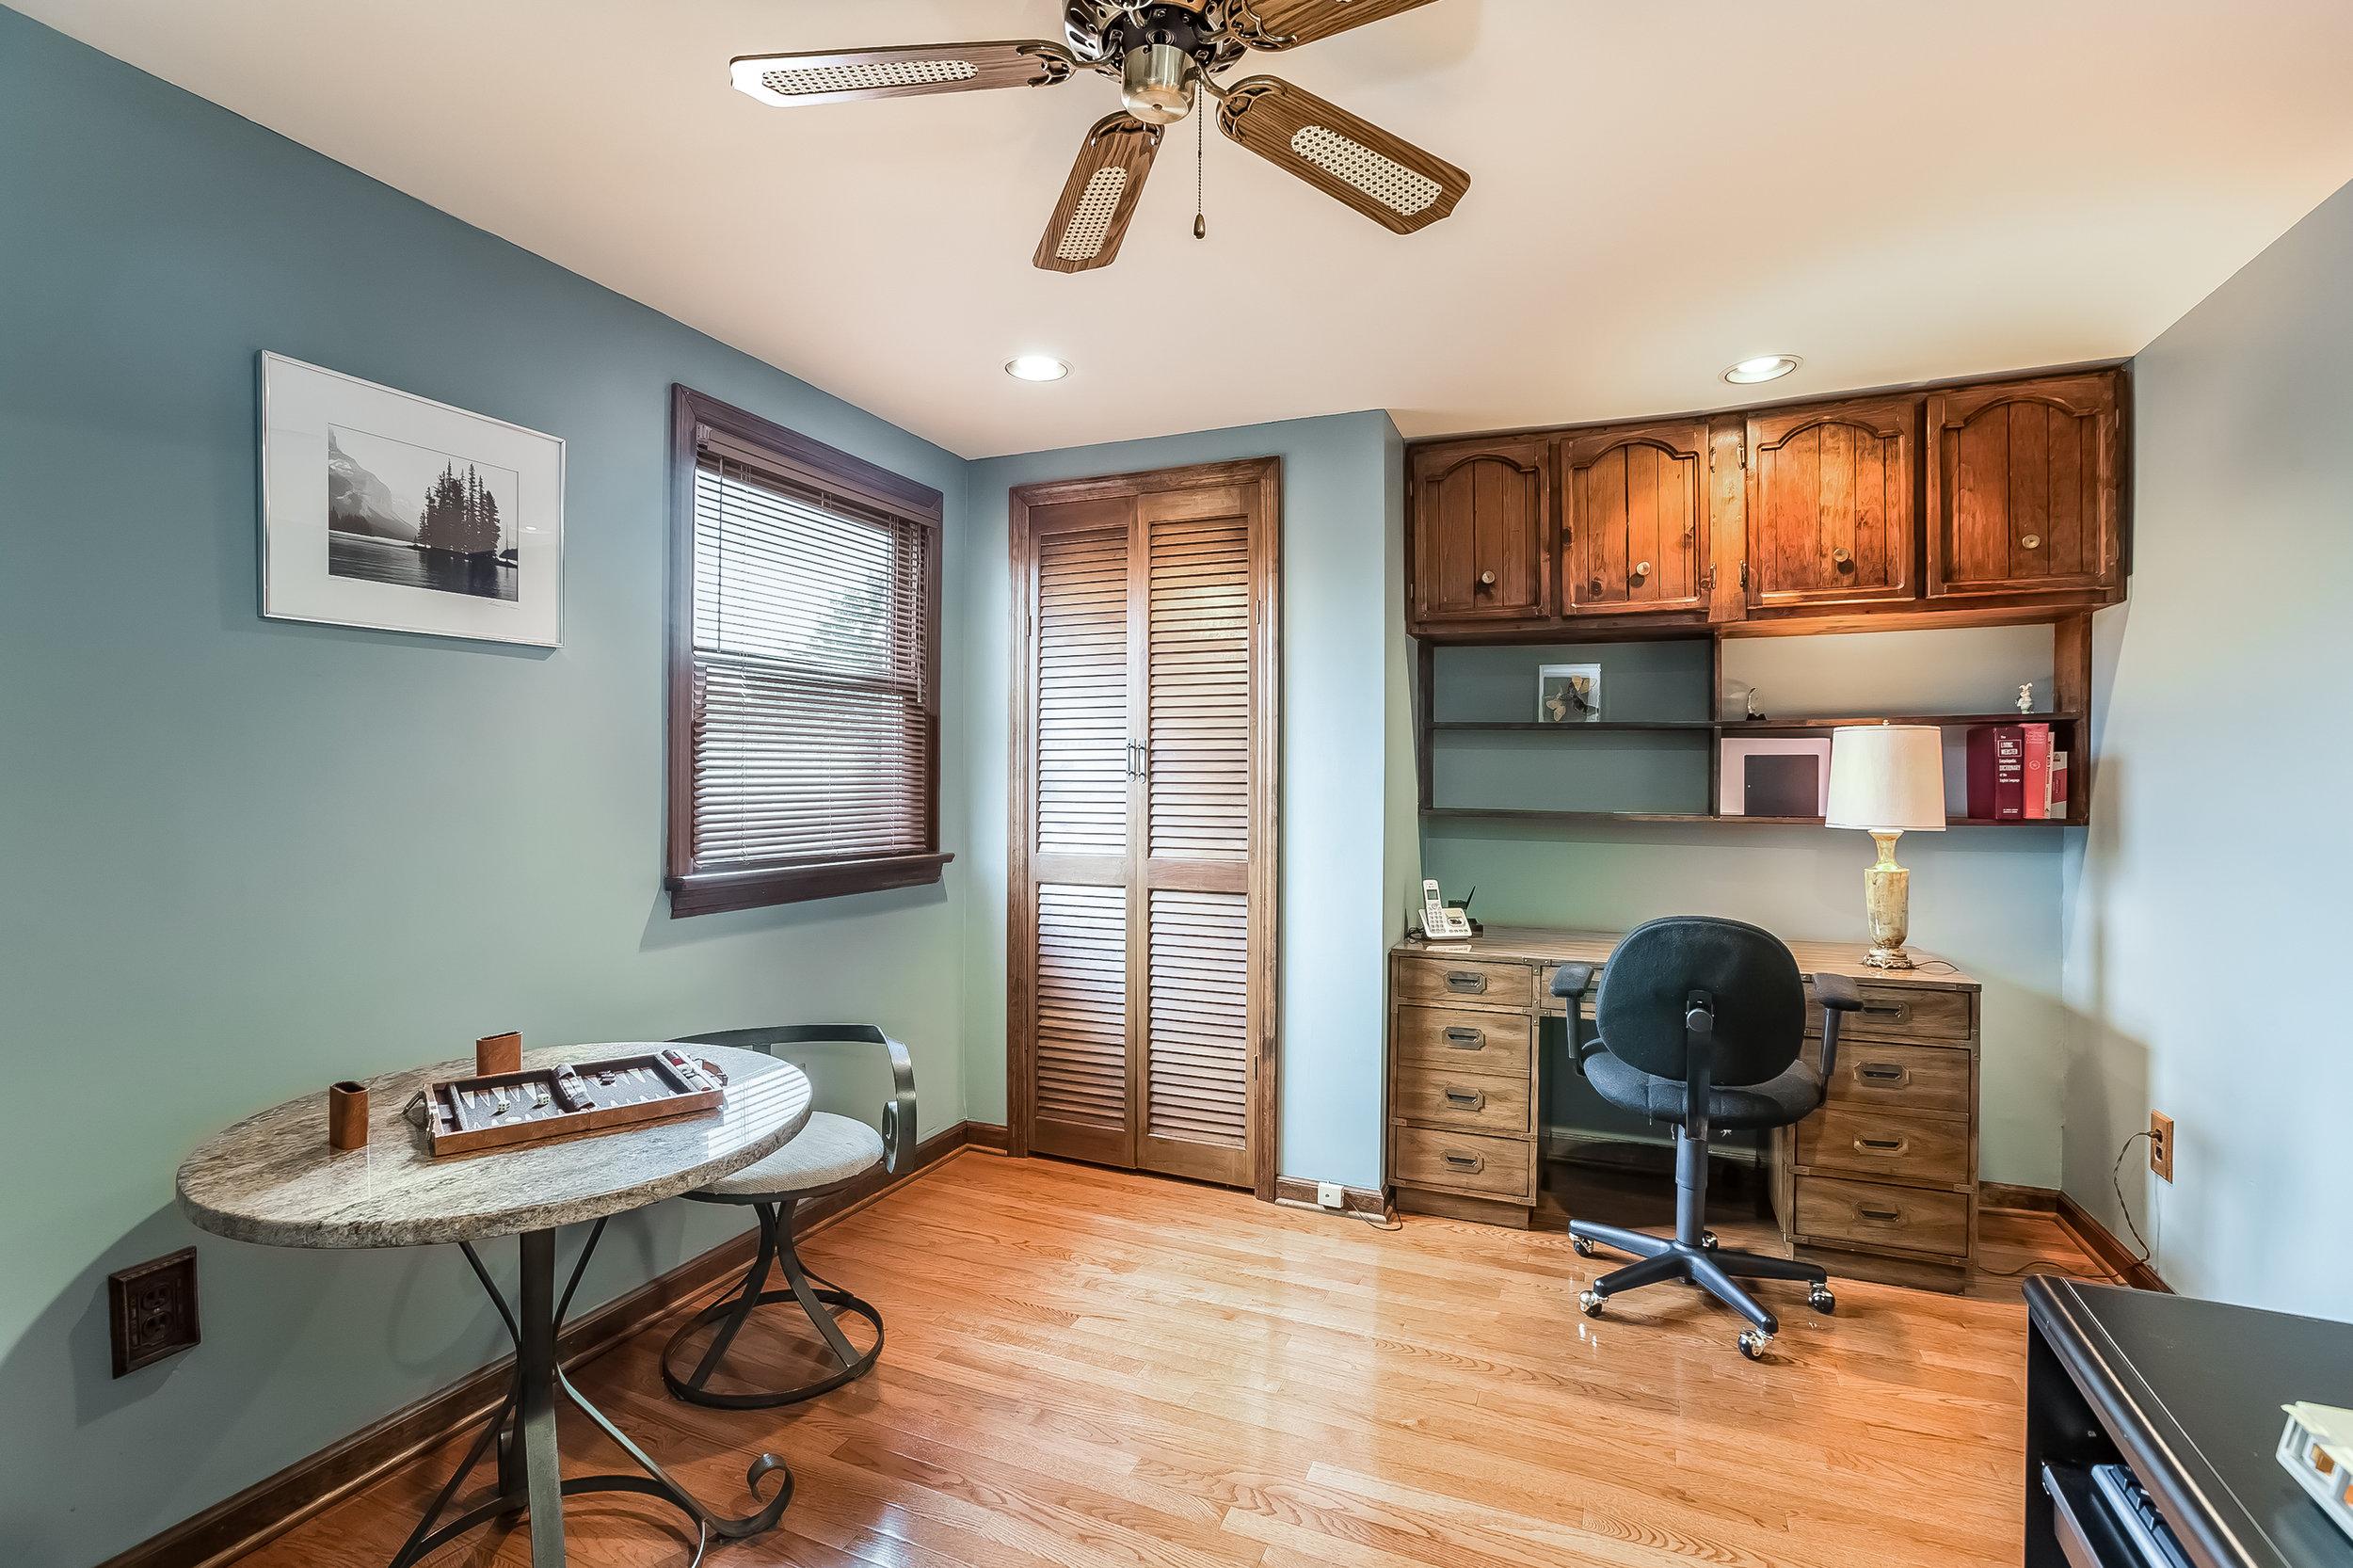 048-Bedroom-4932696-large.jpg